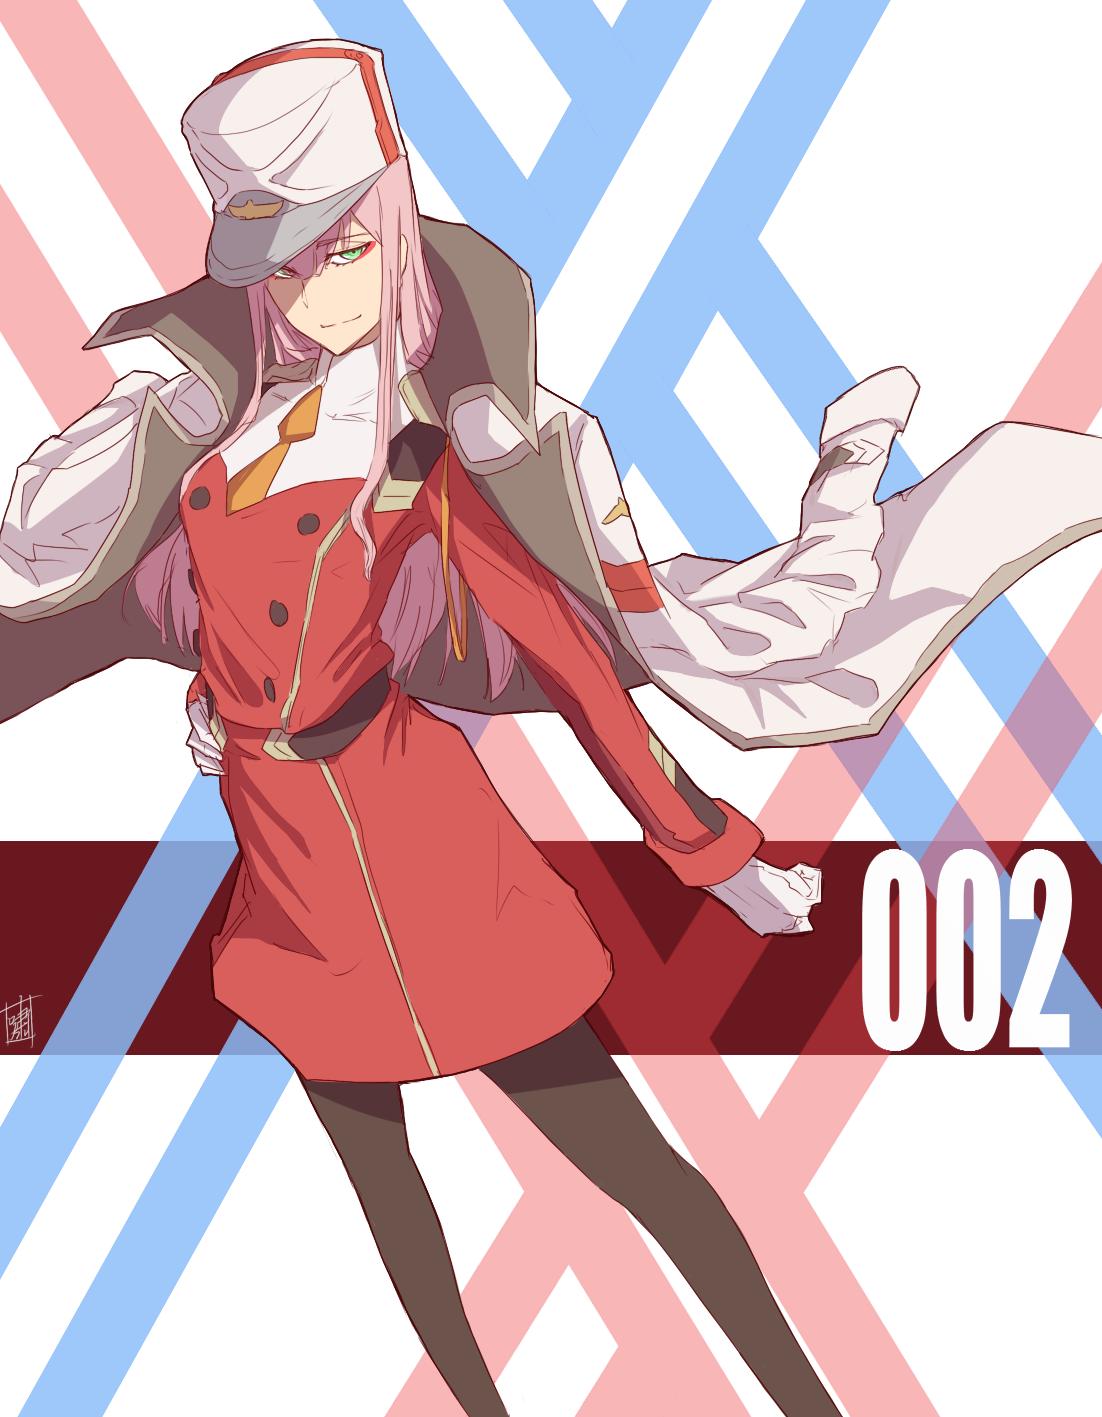 Darling In The Franartxx Darling In The Franxx Anime Zero Two